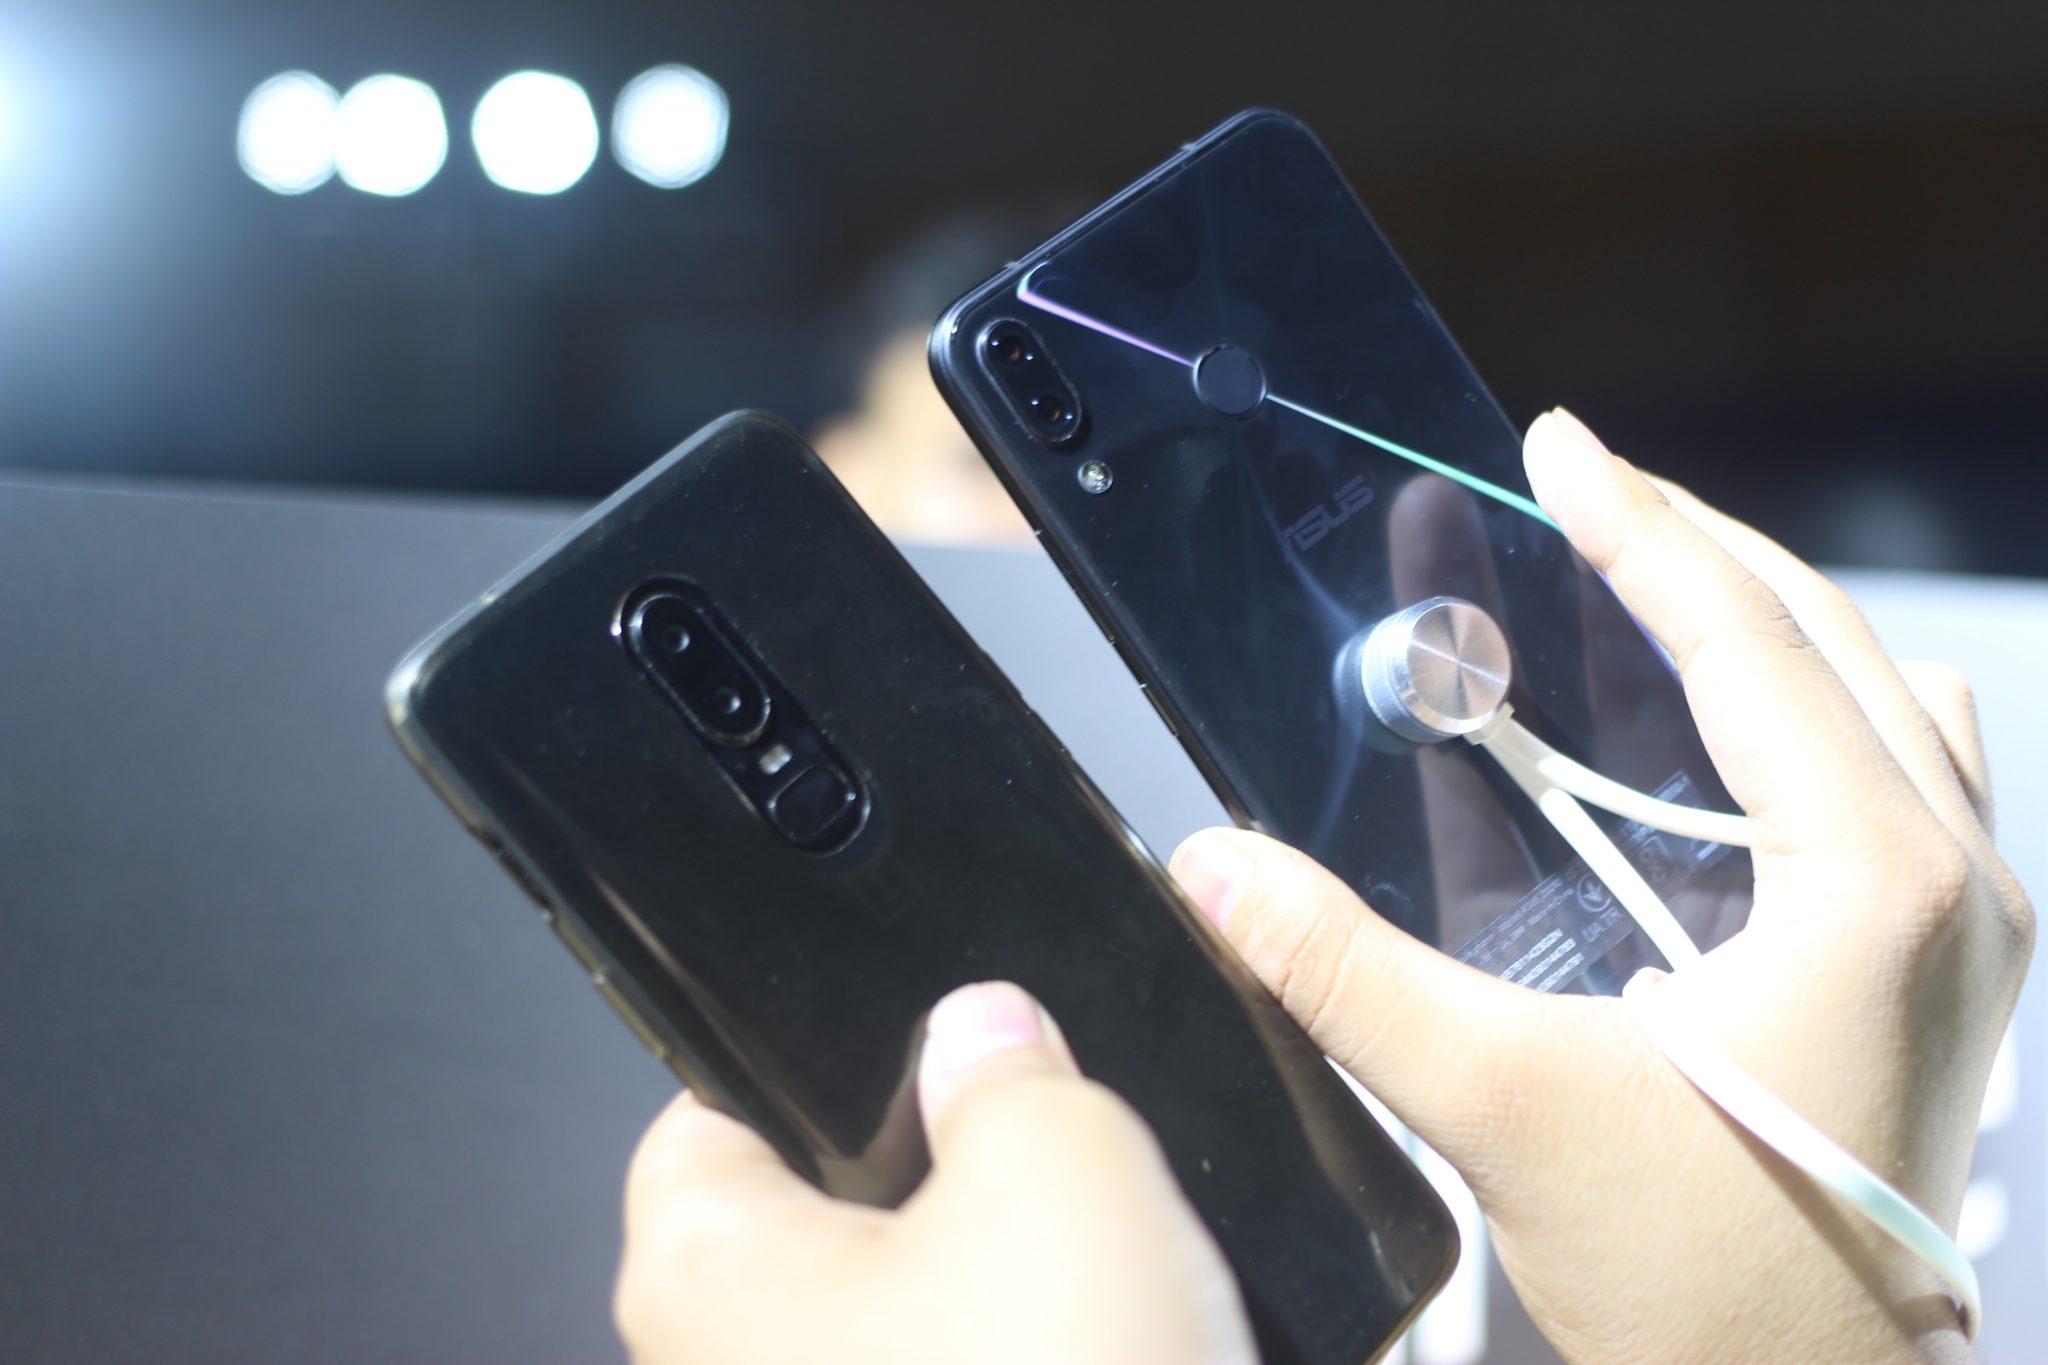 Asus Zenfone 5Z & OnePlus 6 Design